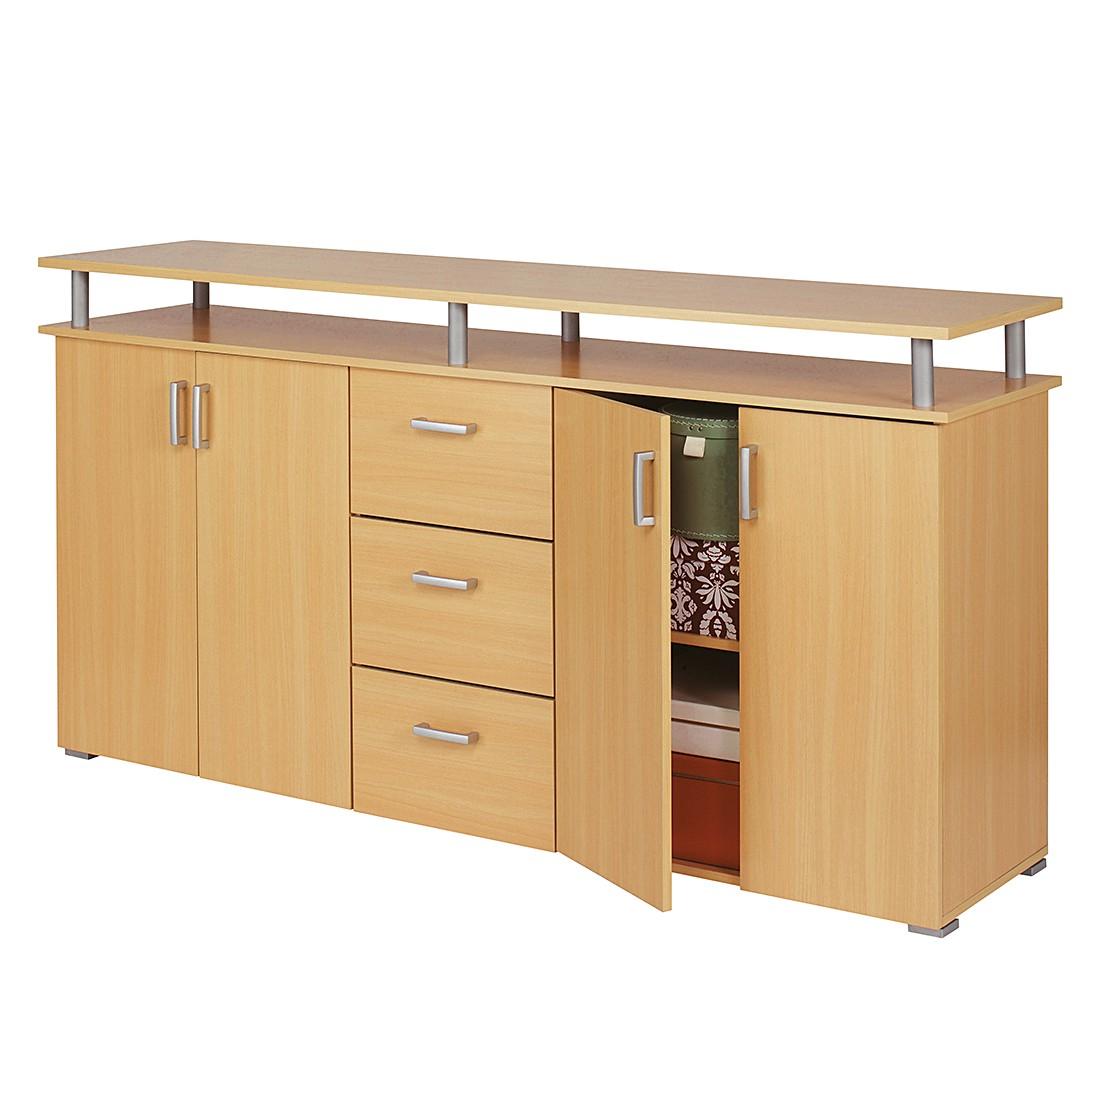 sideboard buche preisvergleich die besten angebote online kaufen. Black Bedroom Furniture Sets. Home Design Ideas